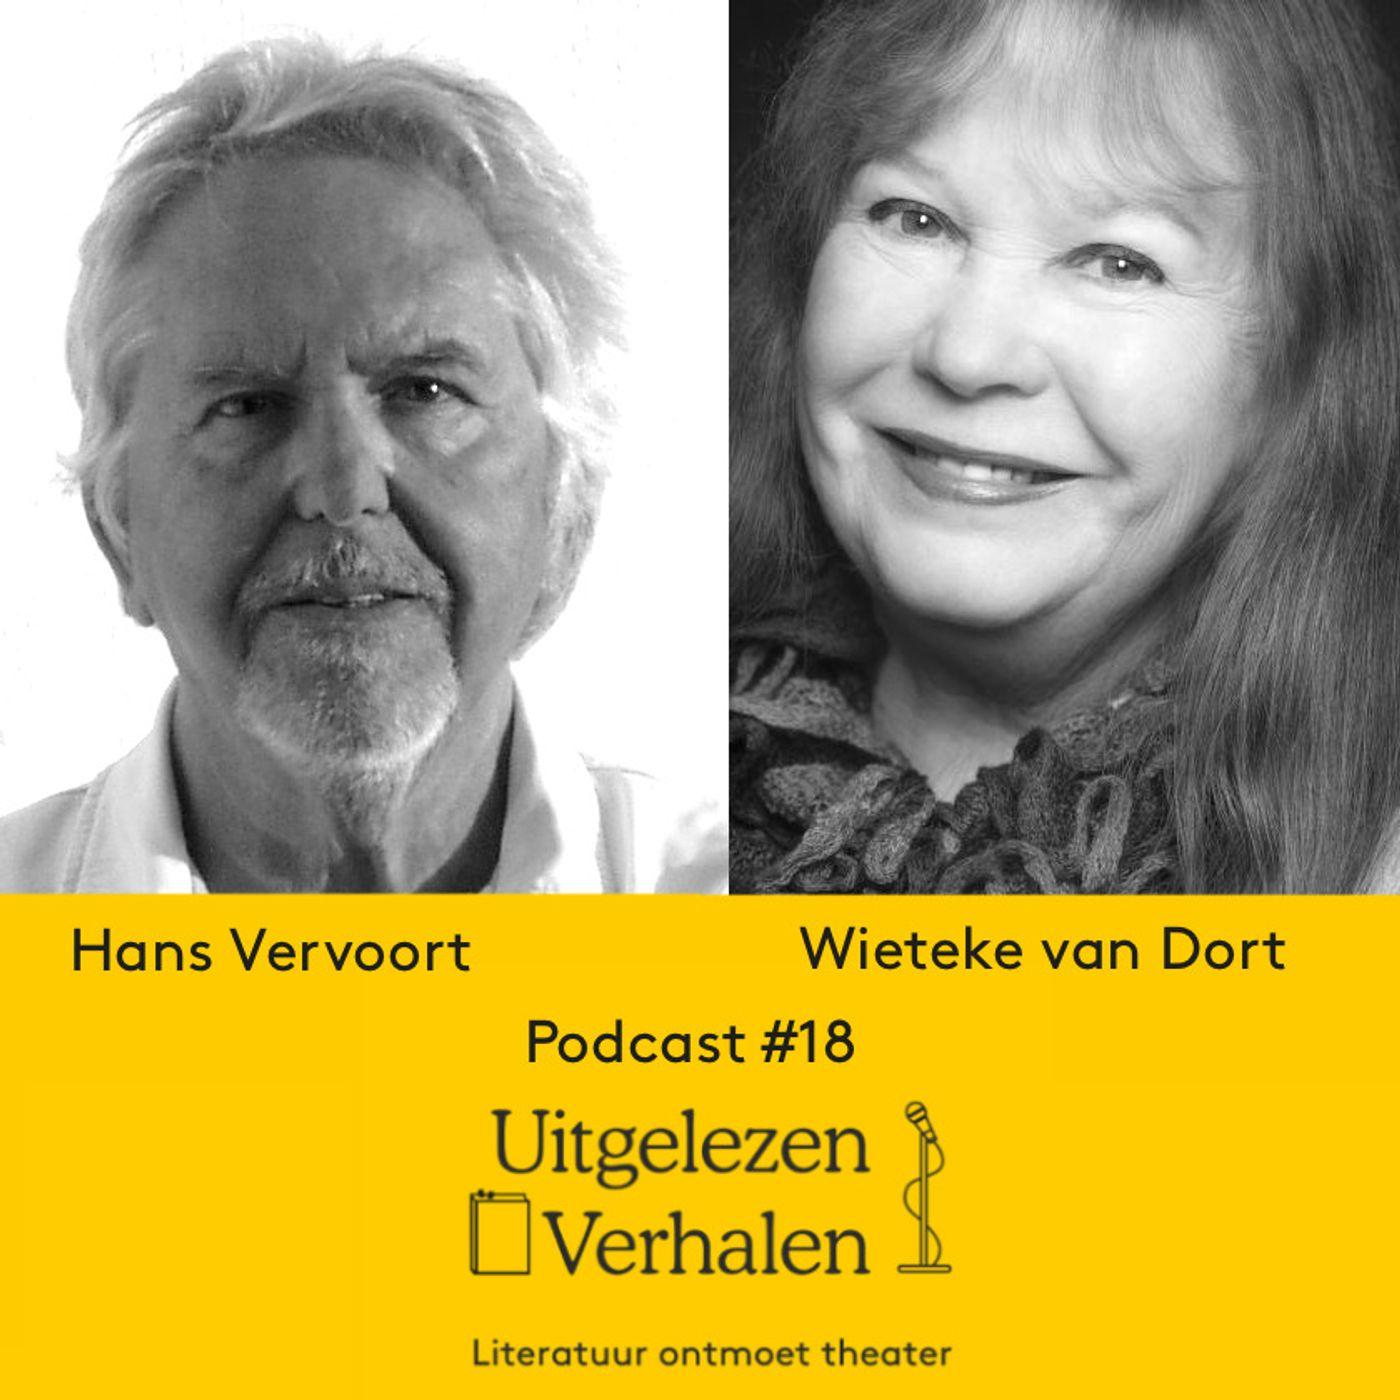 2 jeugdverhalen van Hans Vervoort voorgelezen door Wieteke van Dort